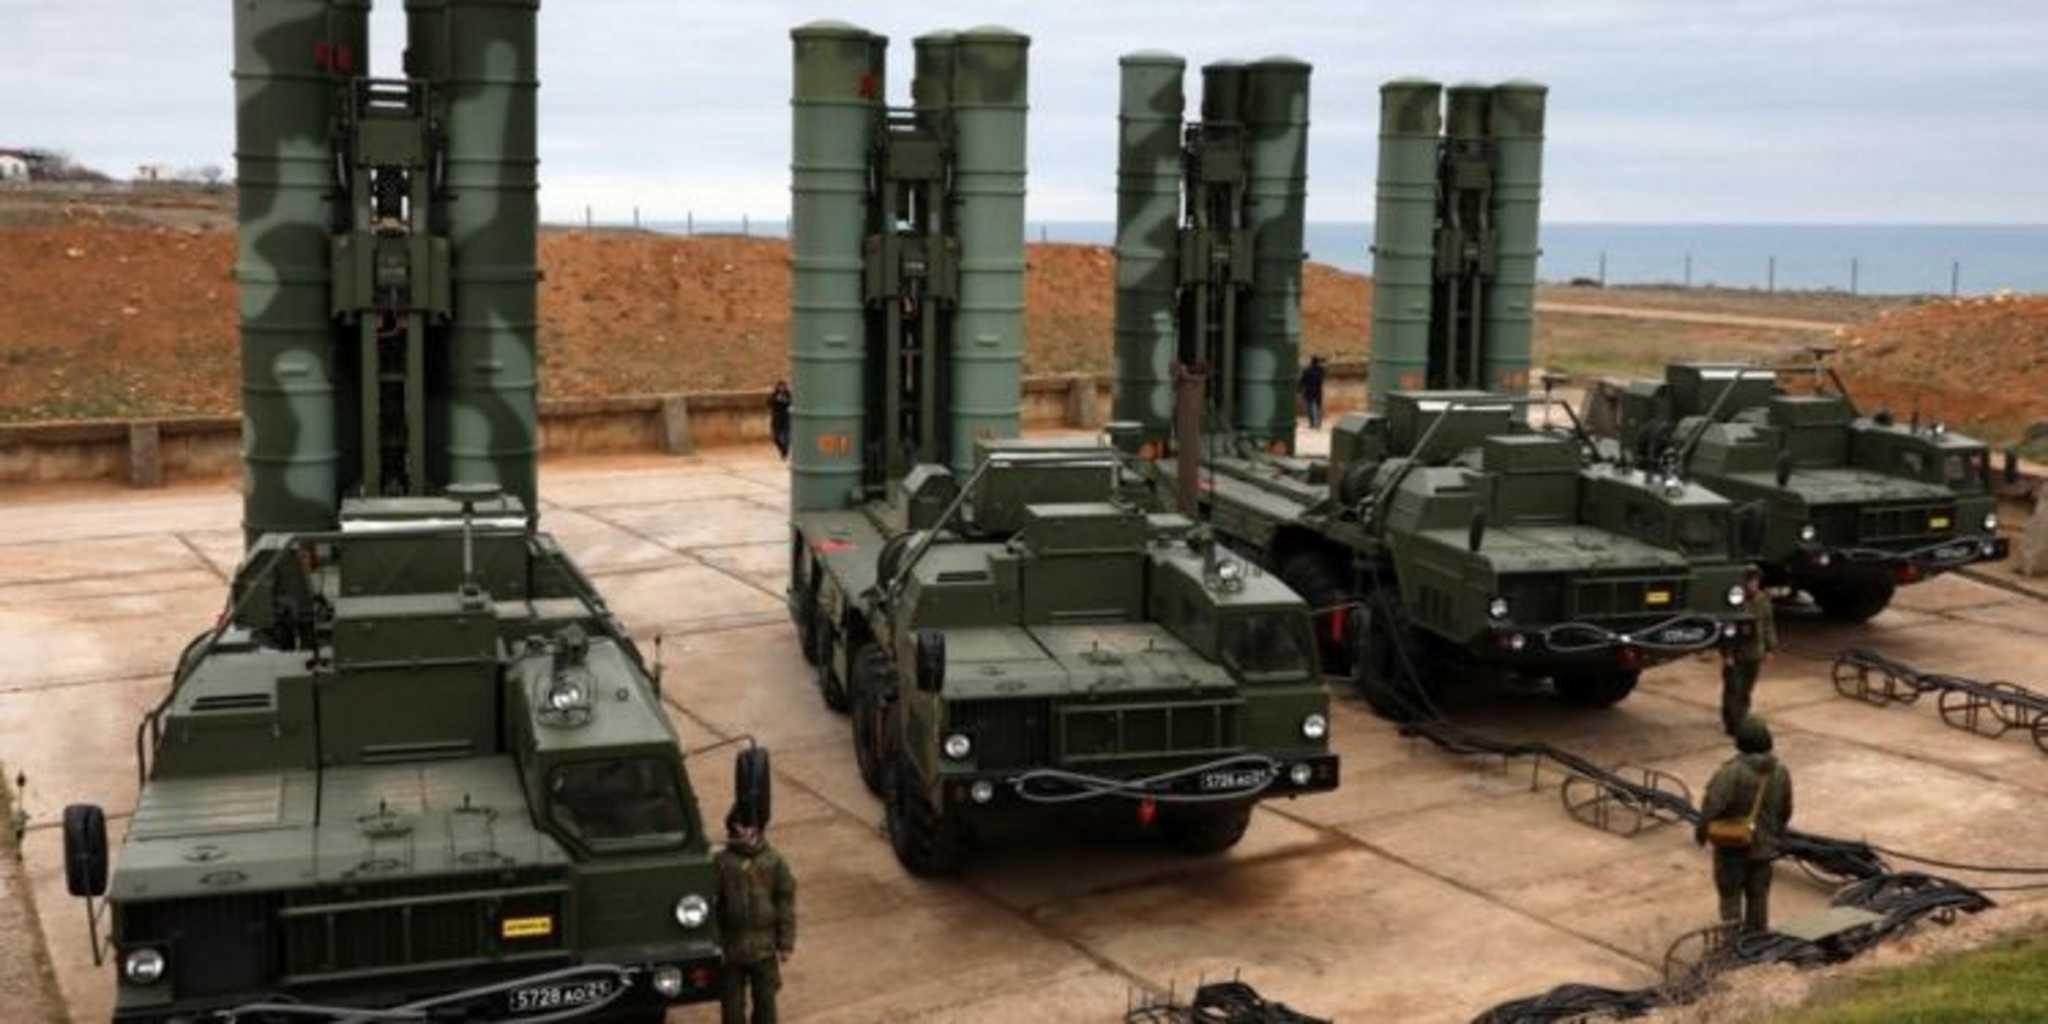 «Βόμβα» της Cumhuriyet: Οι S-400 θα μείνουν στις αποθήκες, δεν θα χρησιμοποιηθούν